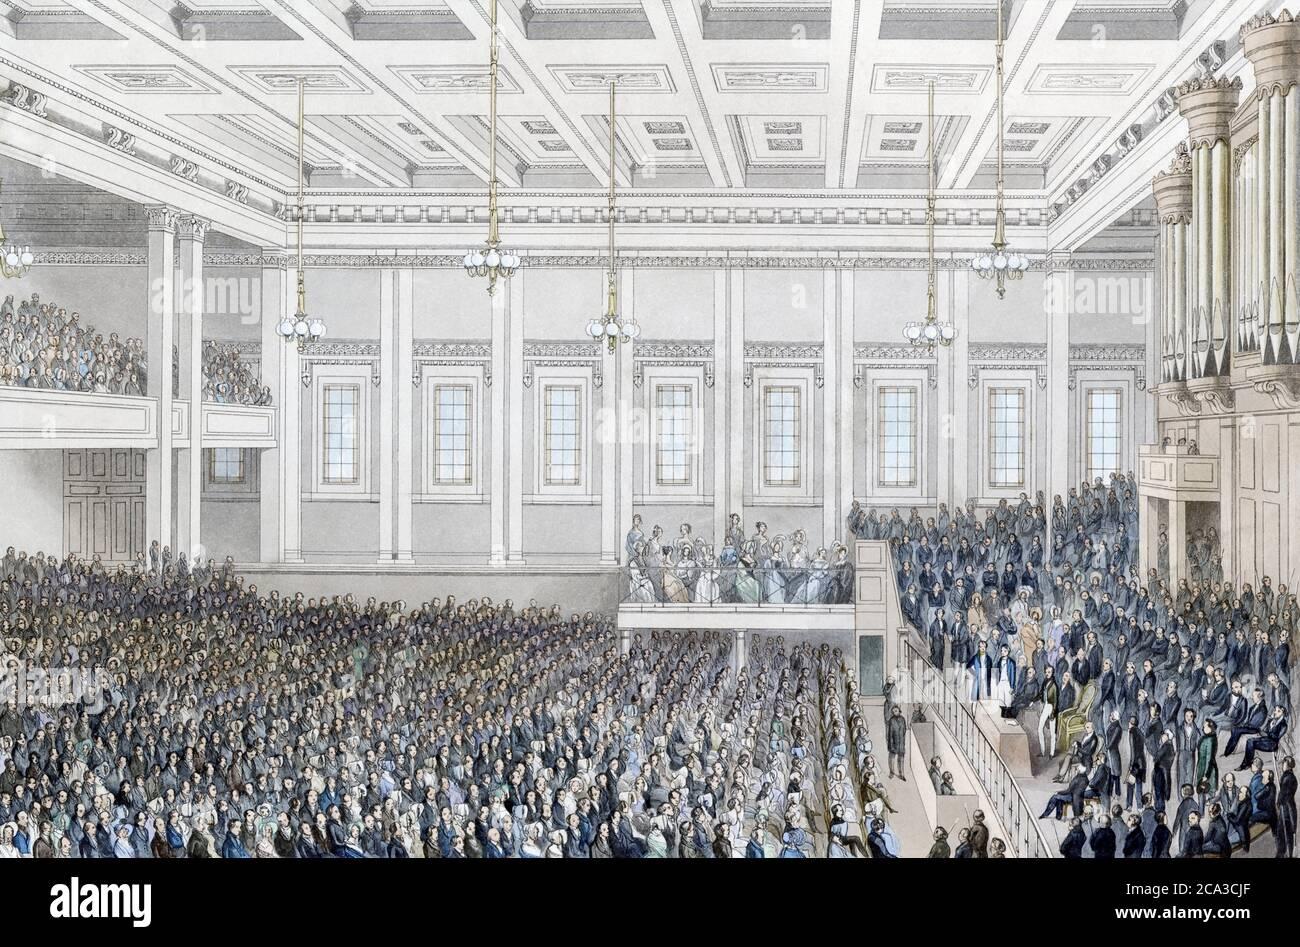 Il titolo completo sotto la foto di questo incontro contro la schiavitù di Londra recita: Incontro della Società per l'estinzione del Commercio Slave, & per il Foto Stock